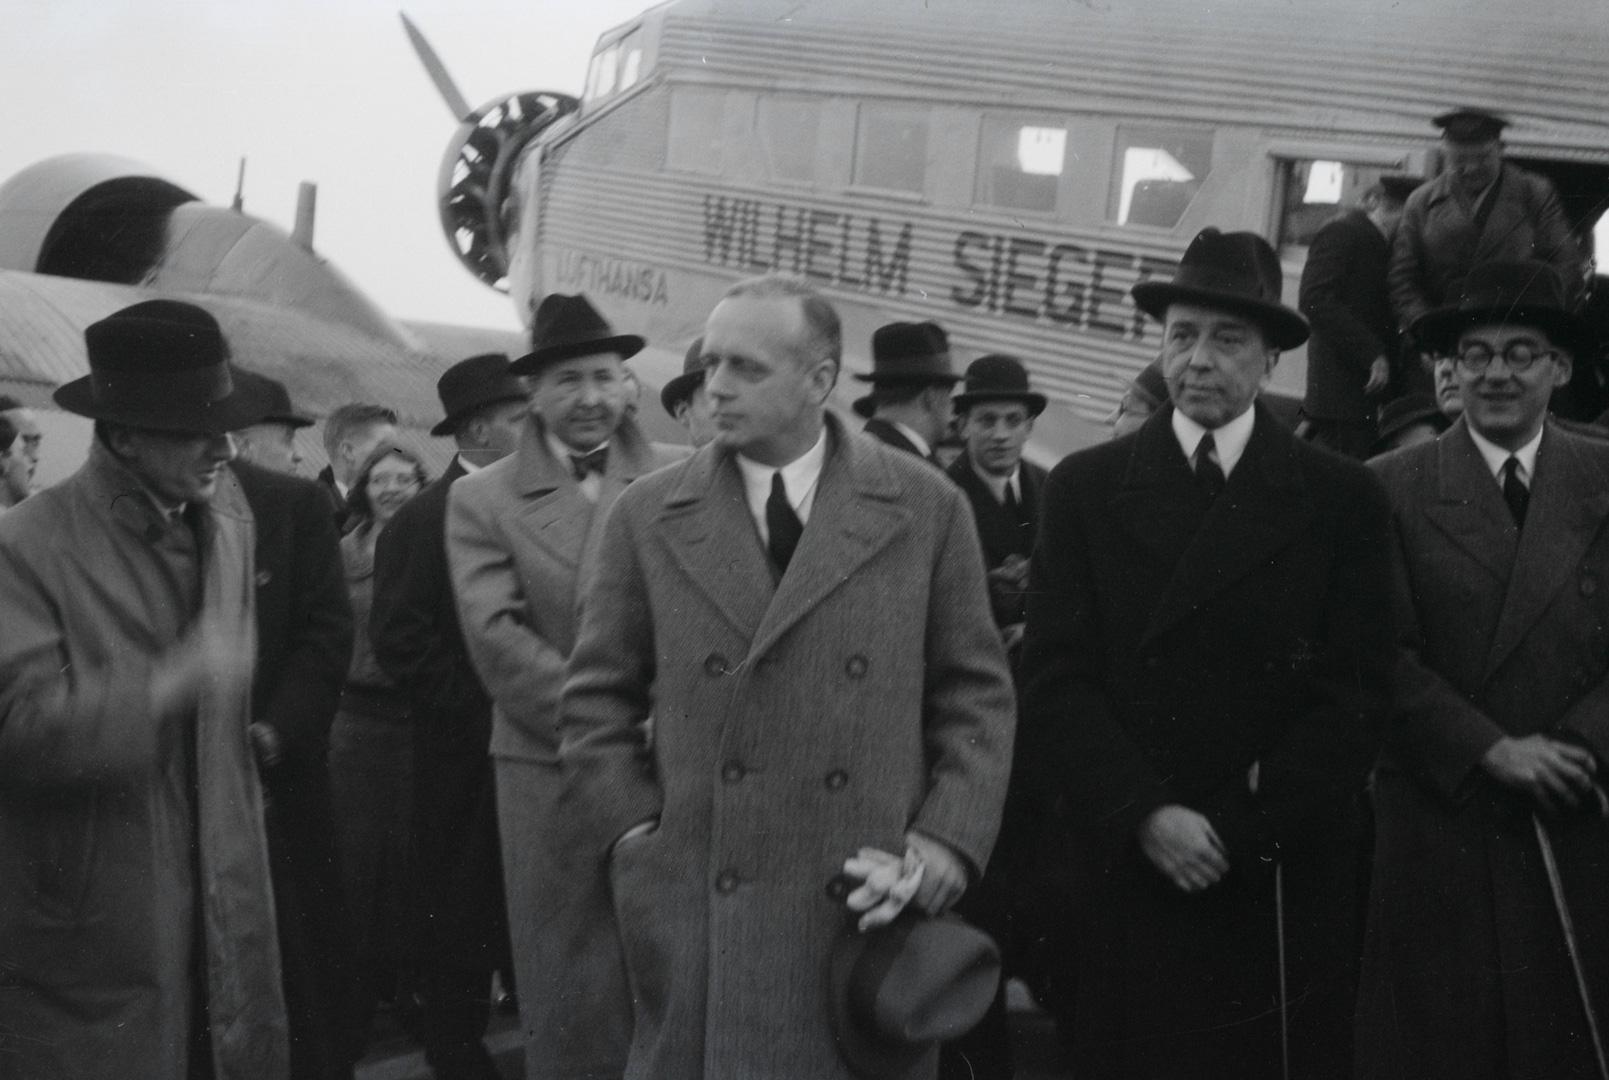 Der Besuch von Sonderbotschafter Joachim von Ribbentrop (Mitte) in London am 18.3.1936. Die Person ganz rechts im Bild ist mit grosser Wahrscheinlichkeit Gottfried von Nostitz.